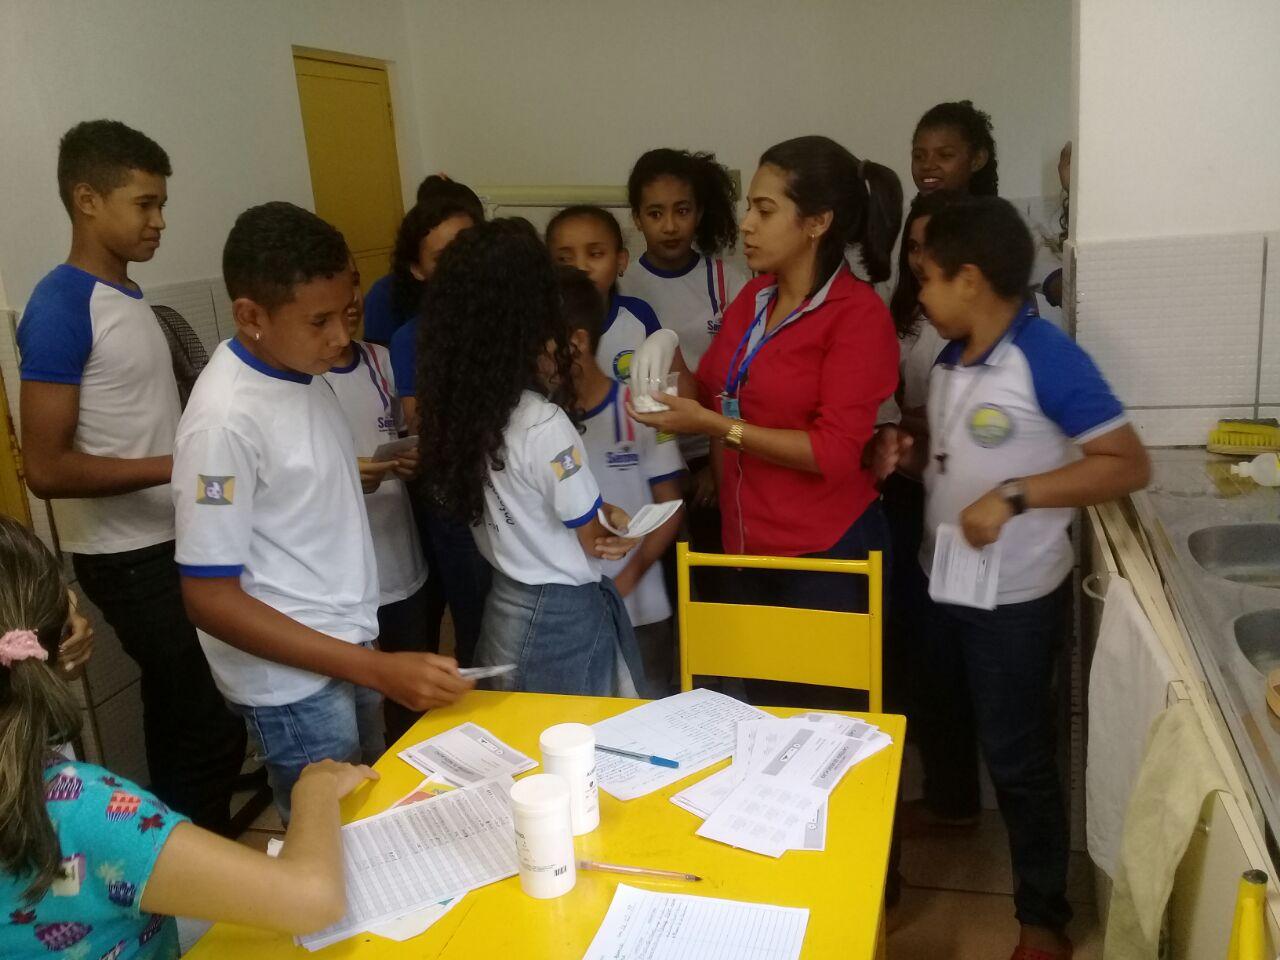 Equipe de Saúde da Família realiza campanha de vacinação na Unidade Escolar Joana D'arc